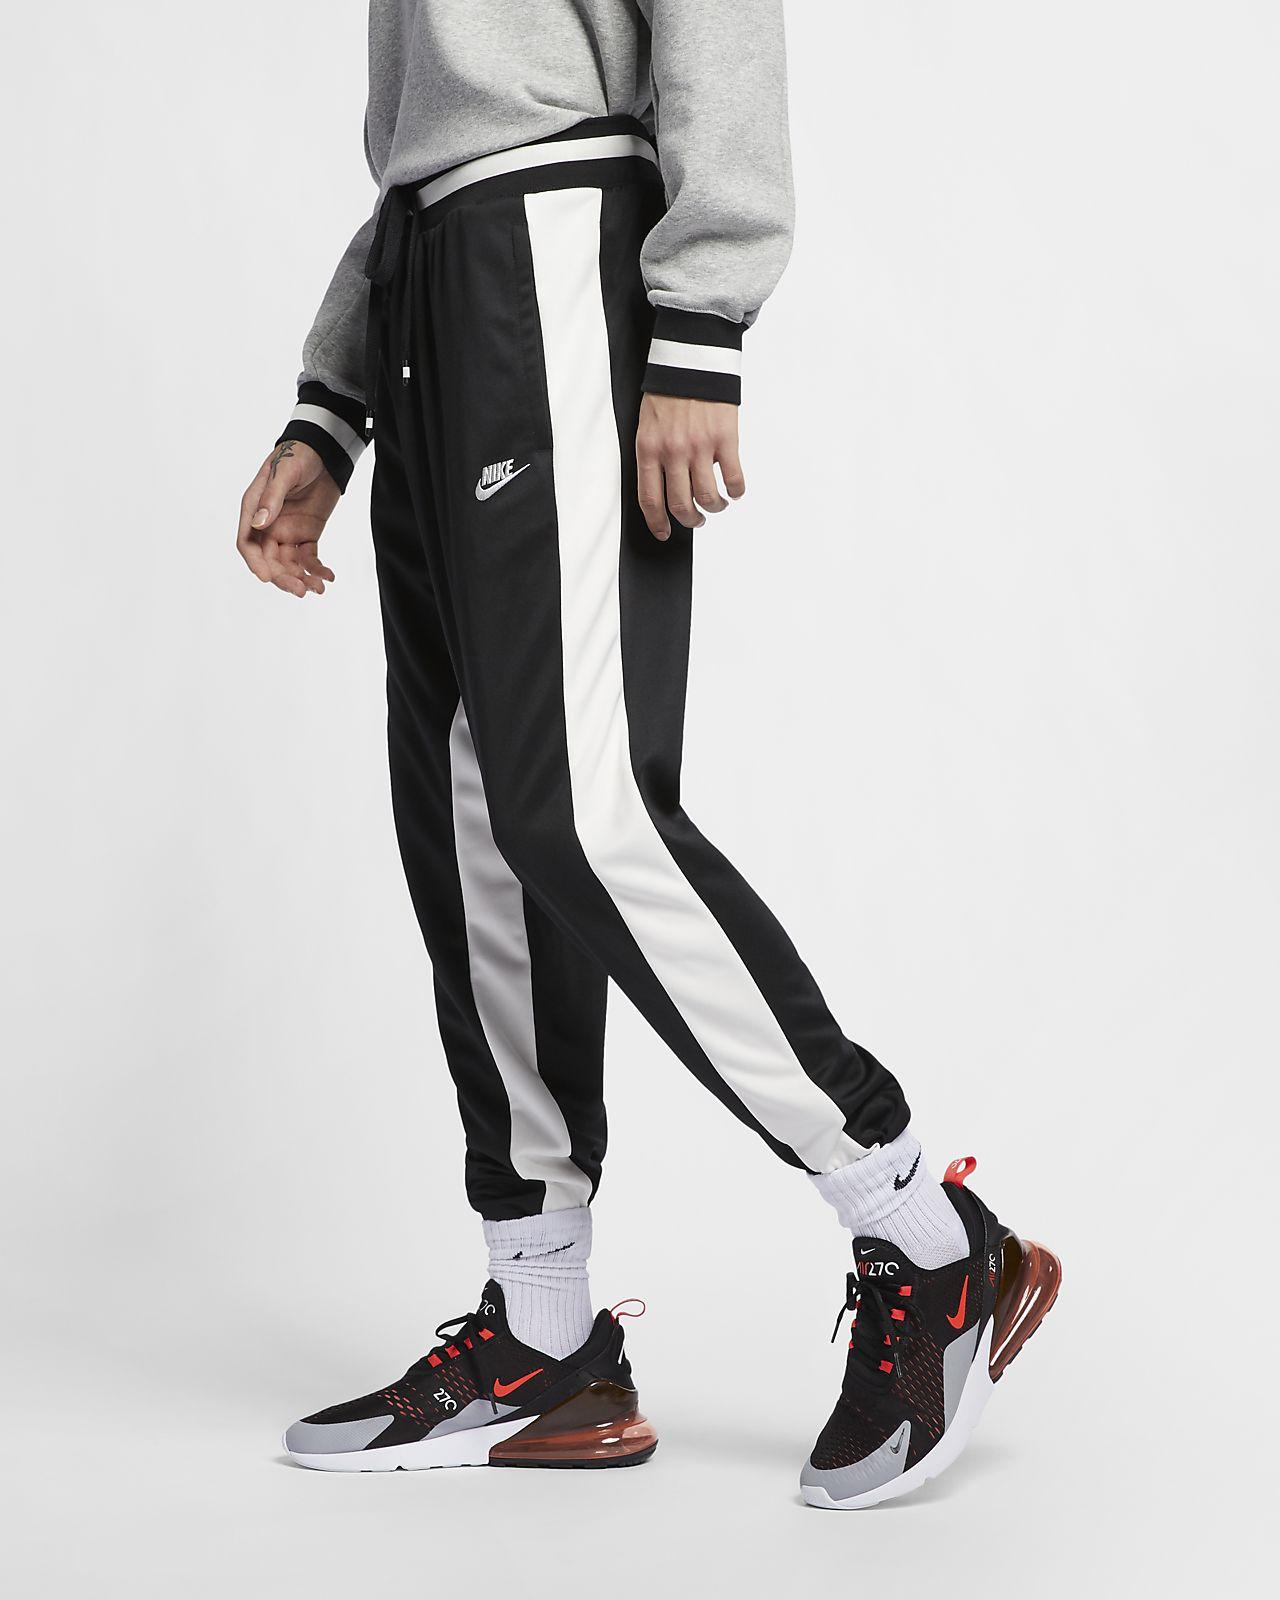 Pantalon Pour HommeFr HommeFr Nike Air Air Air Nike Nike Pantalon Pantalon Pour kOPXZuiT